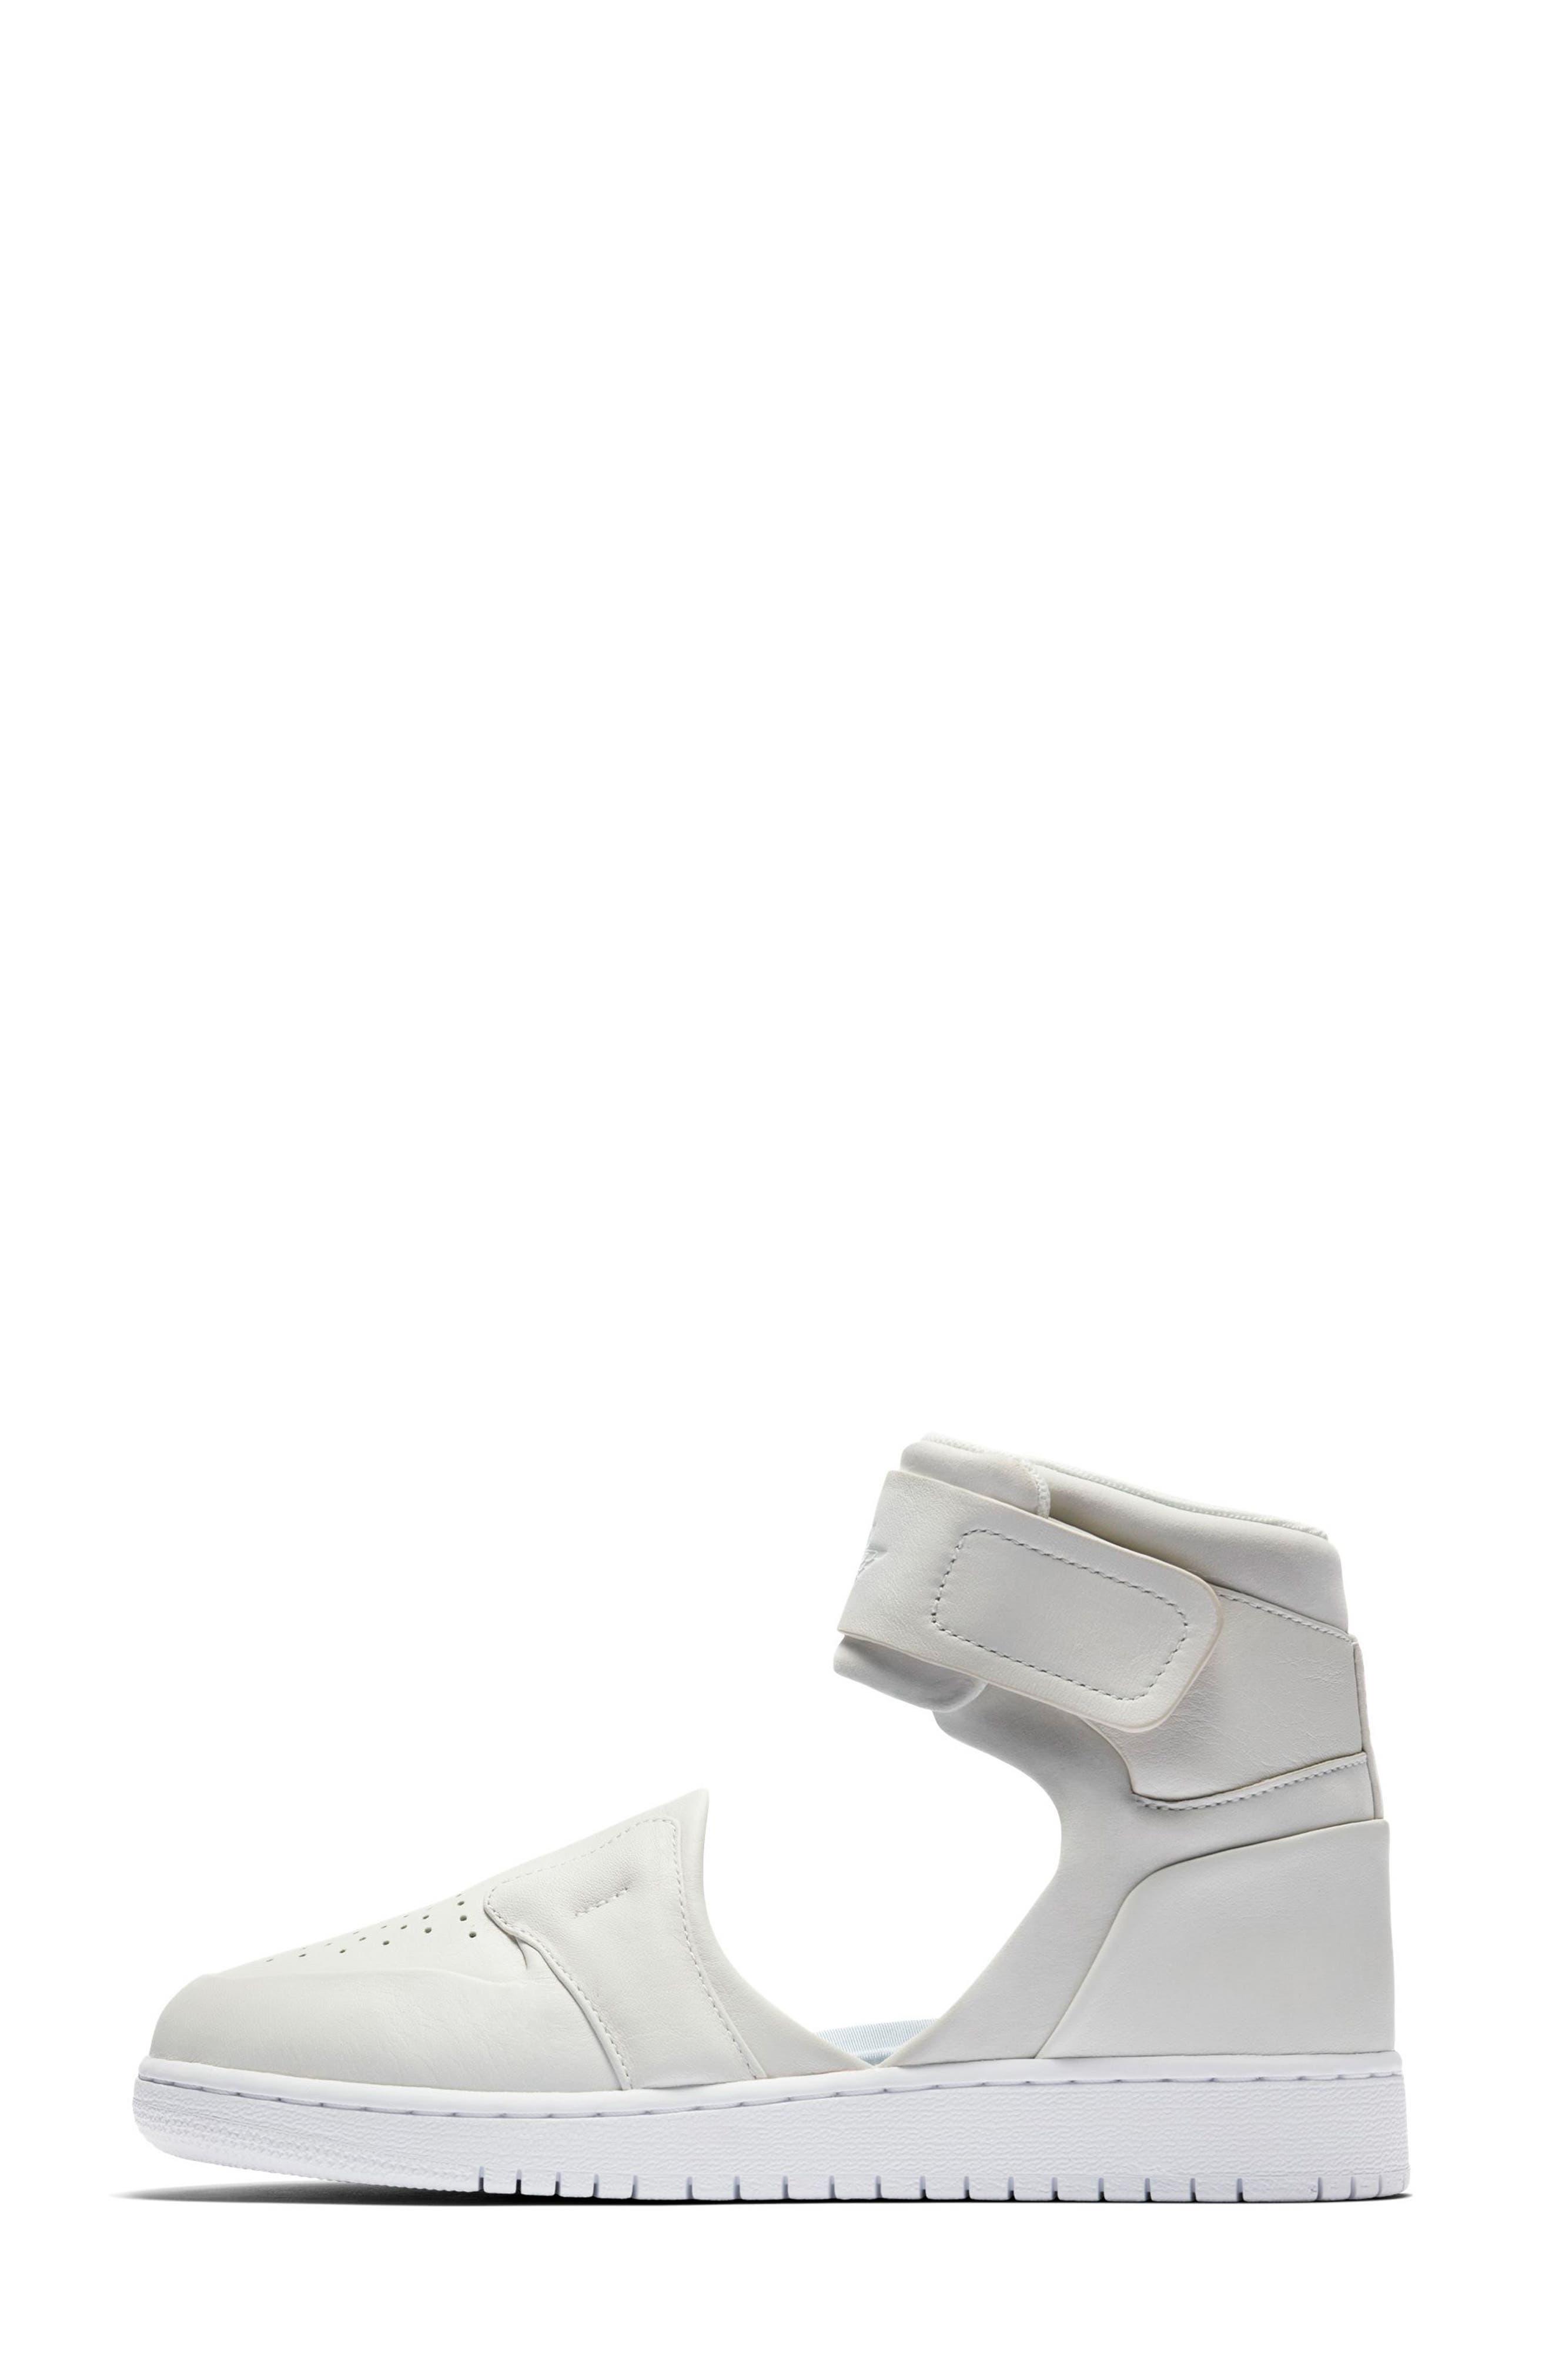 Air Jordan 1 Lover XX Ankle Strap Sneaker,                             Alternate thumbnail 3, color,                             100